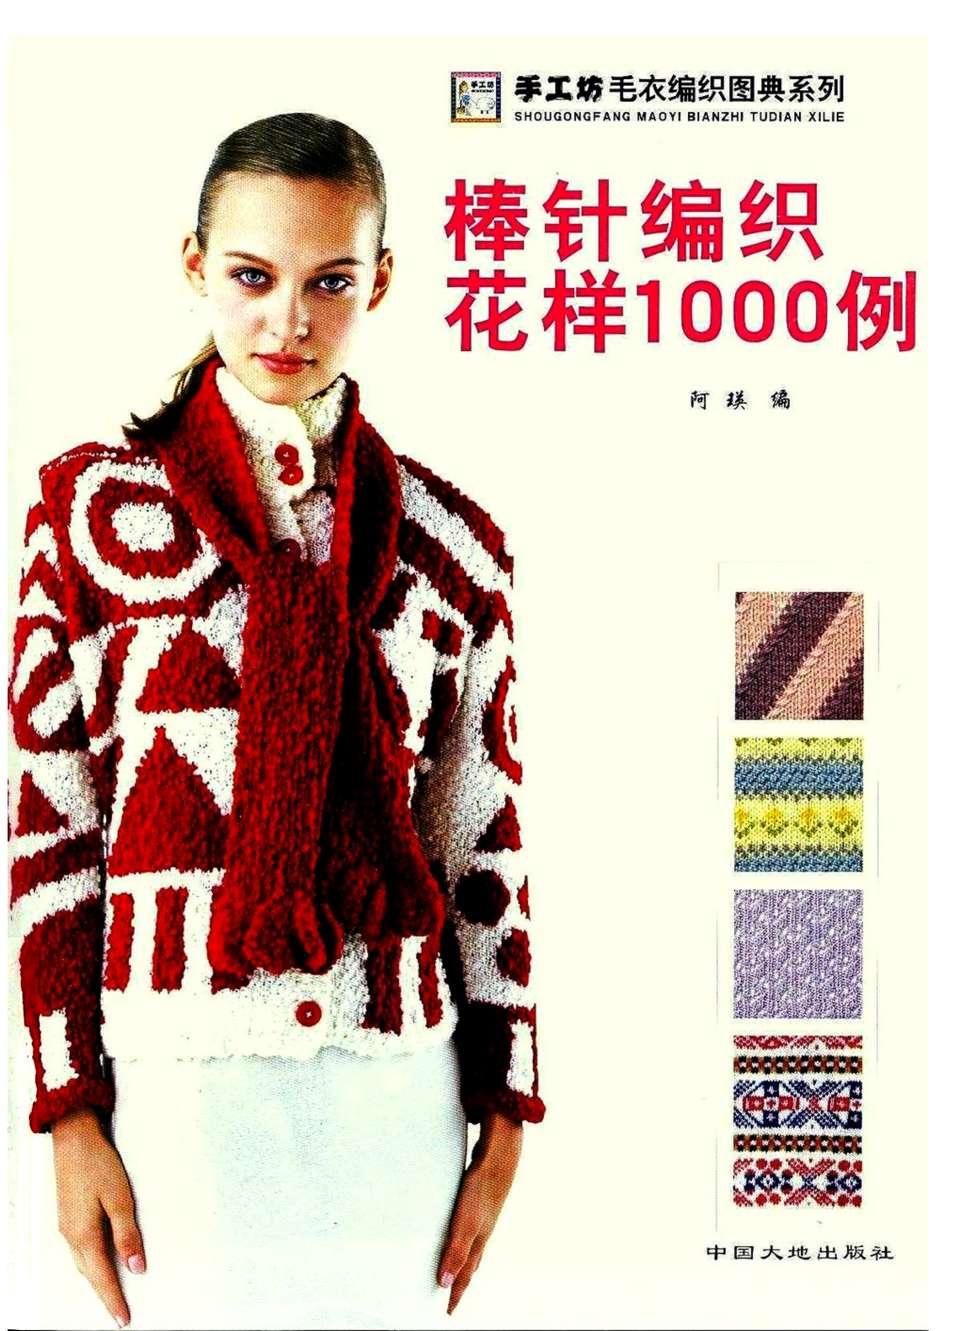 Shougongfang maoyi bianzhi tudian xilie 1000. 1000 узоров вязания спицами